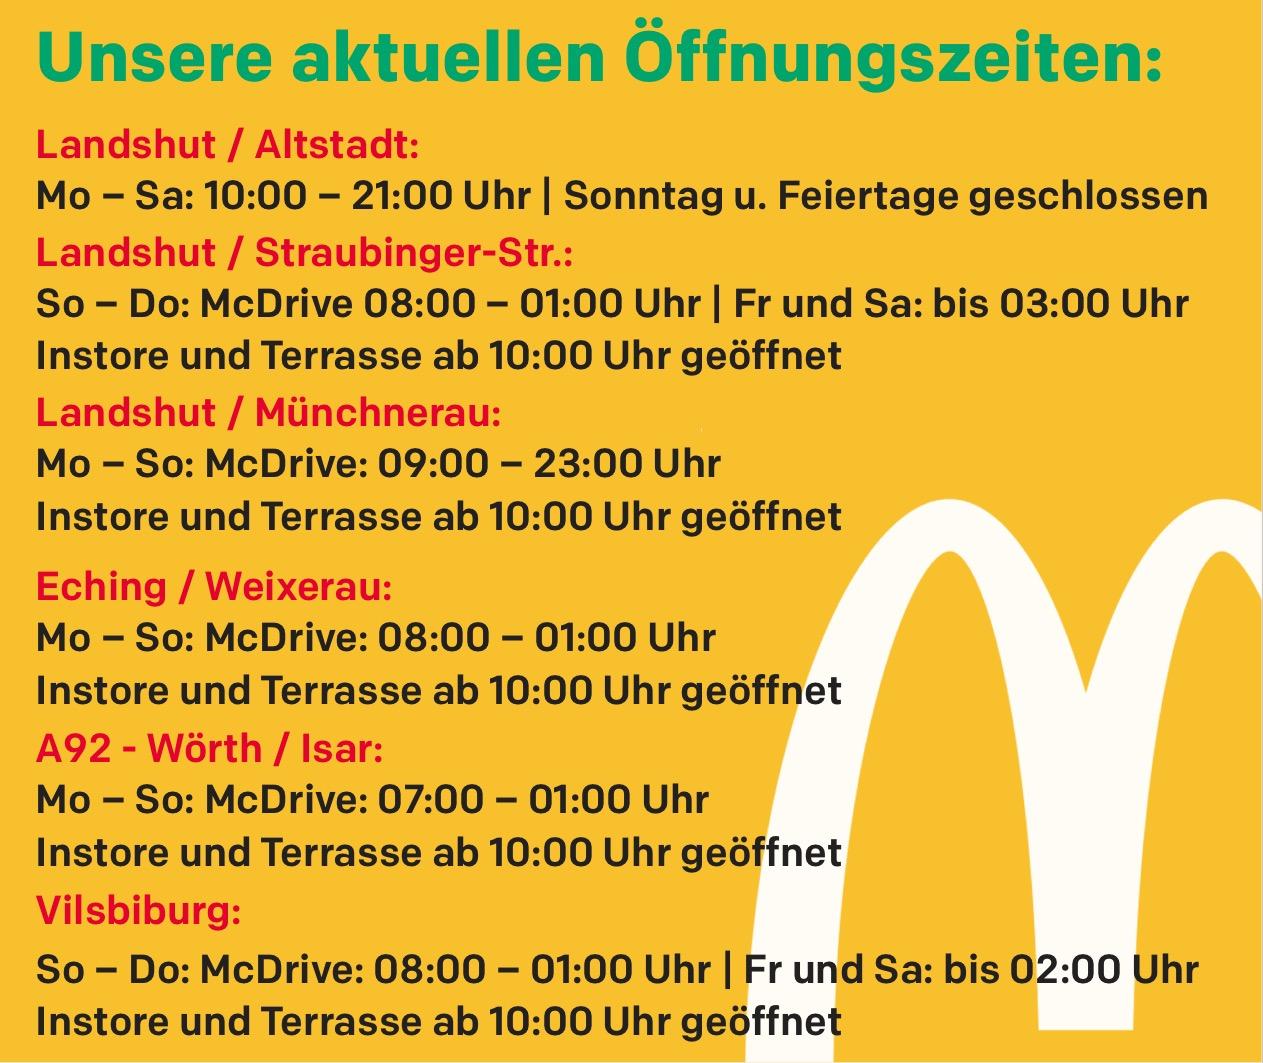 Aktuelle Öffnungszeiten McDonald's Restaurants Landshut